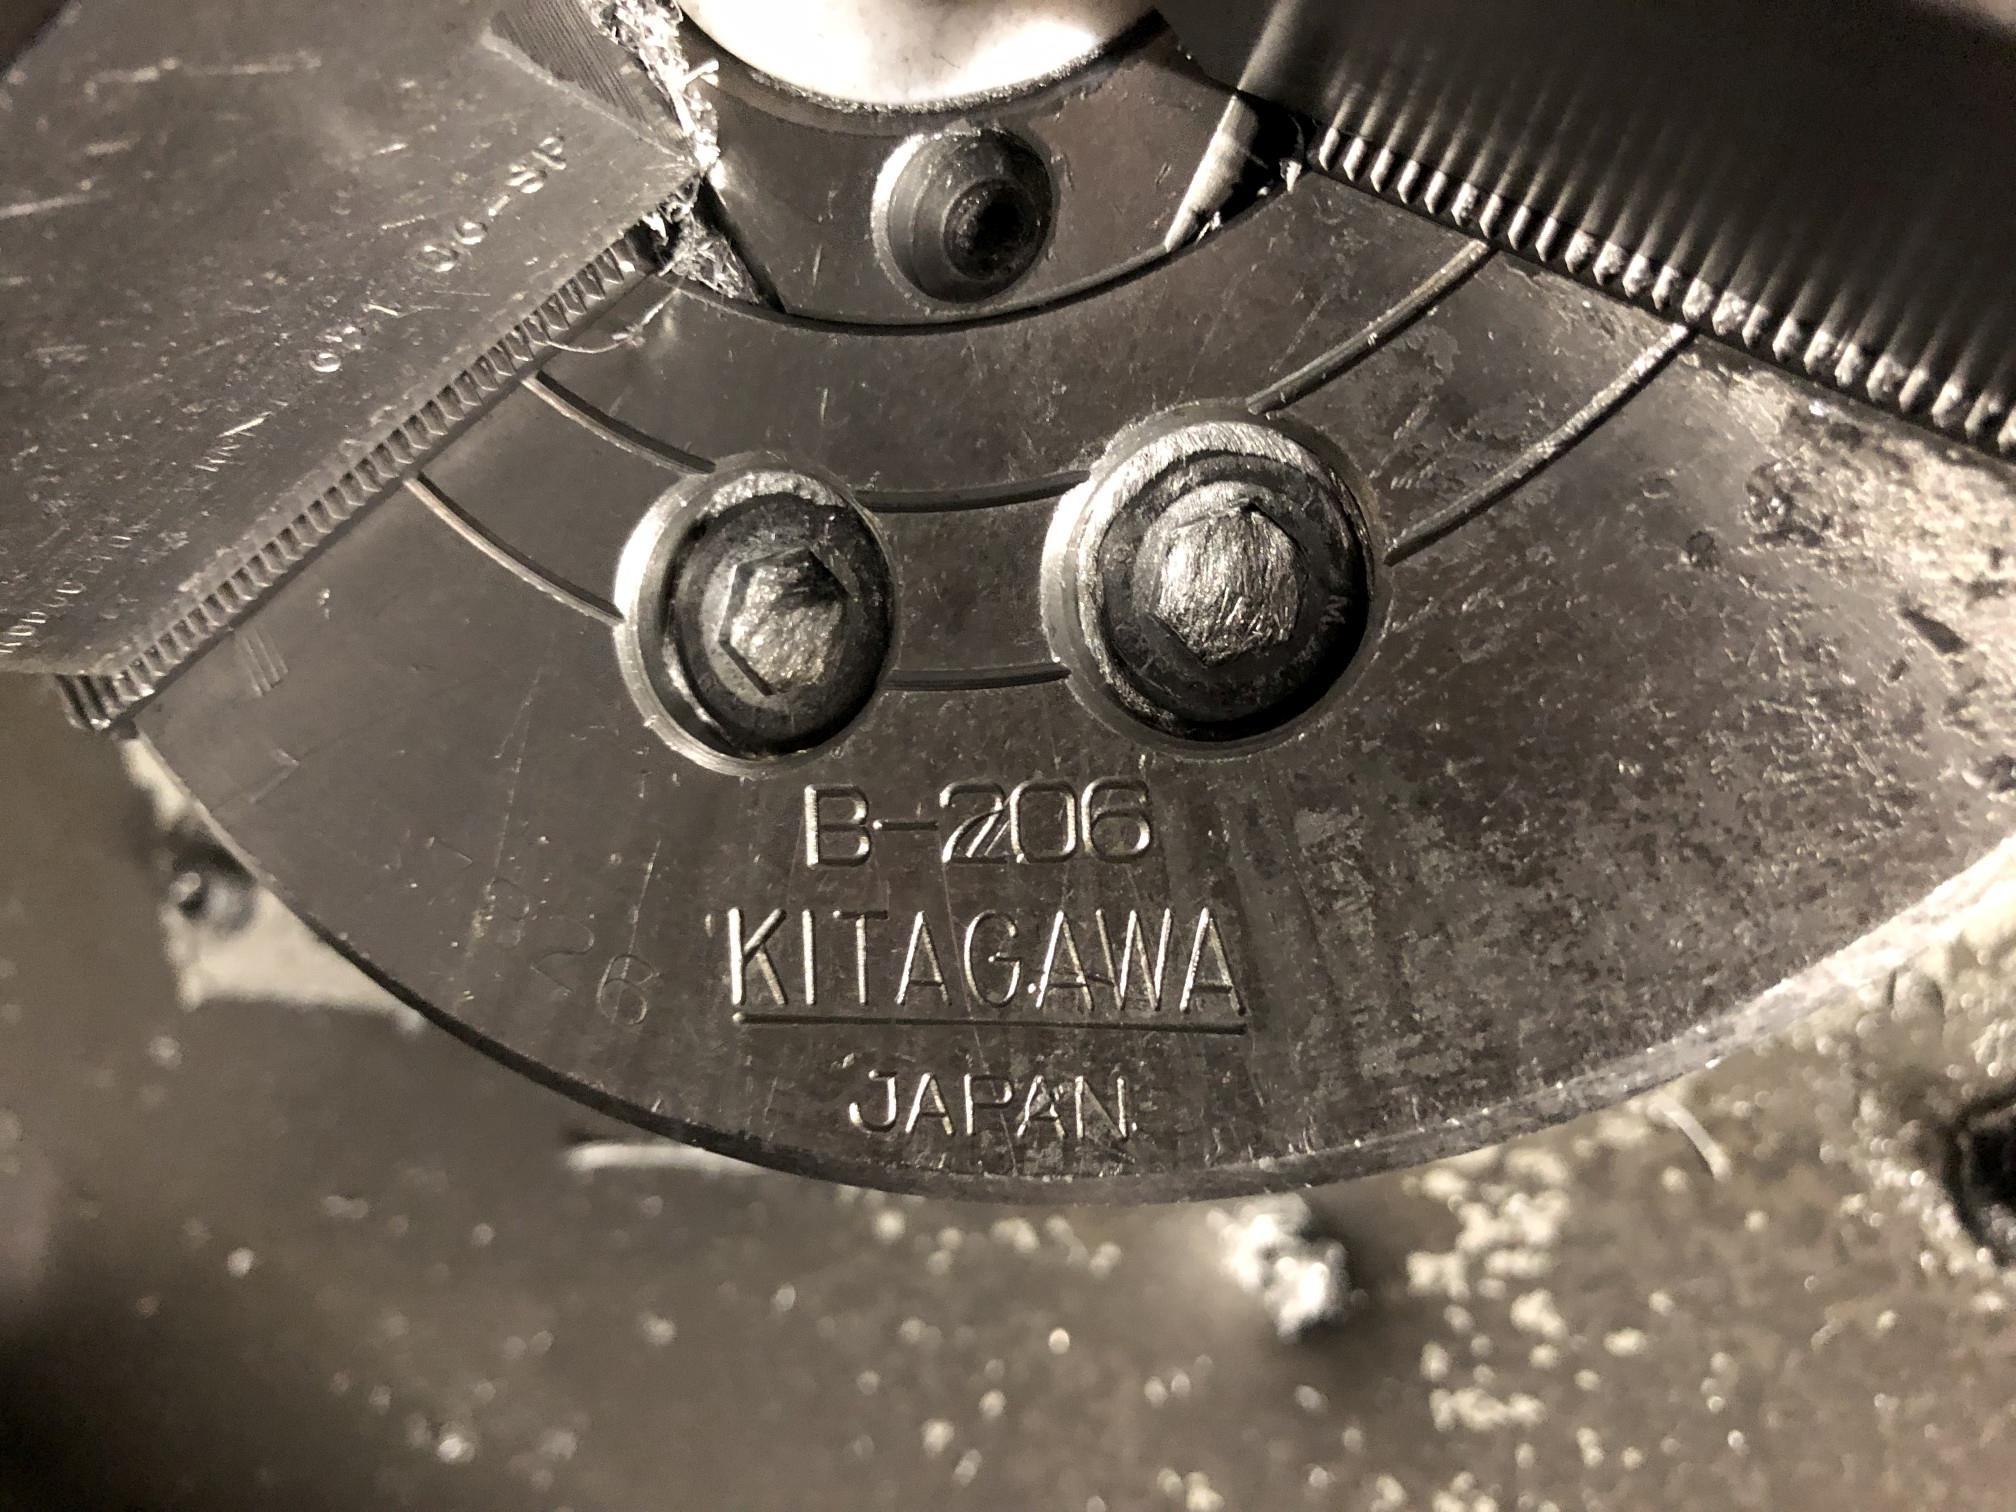 2002 Takisawa EX-106 CNC Lathe - Image 6 of 20